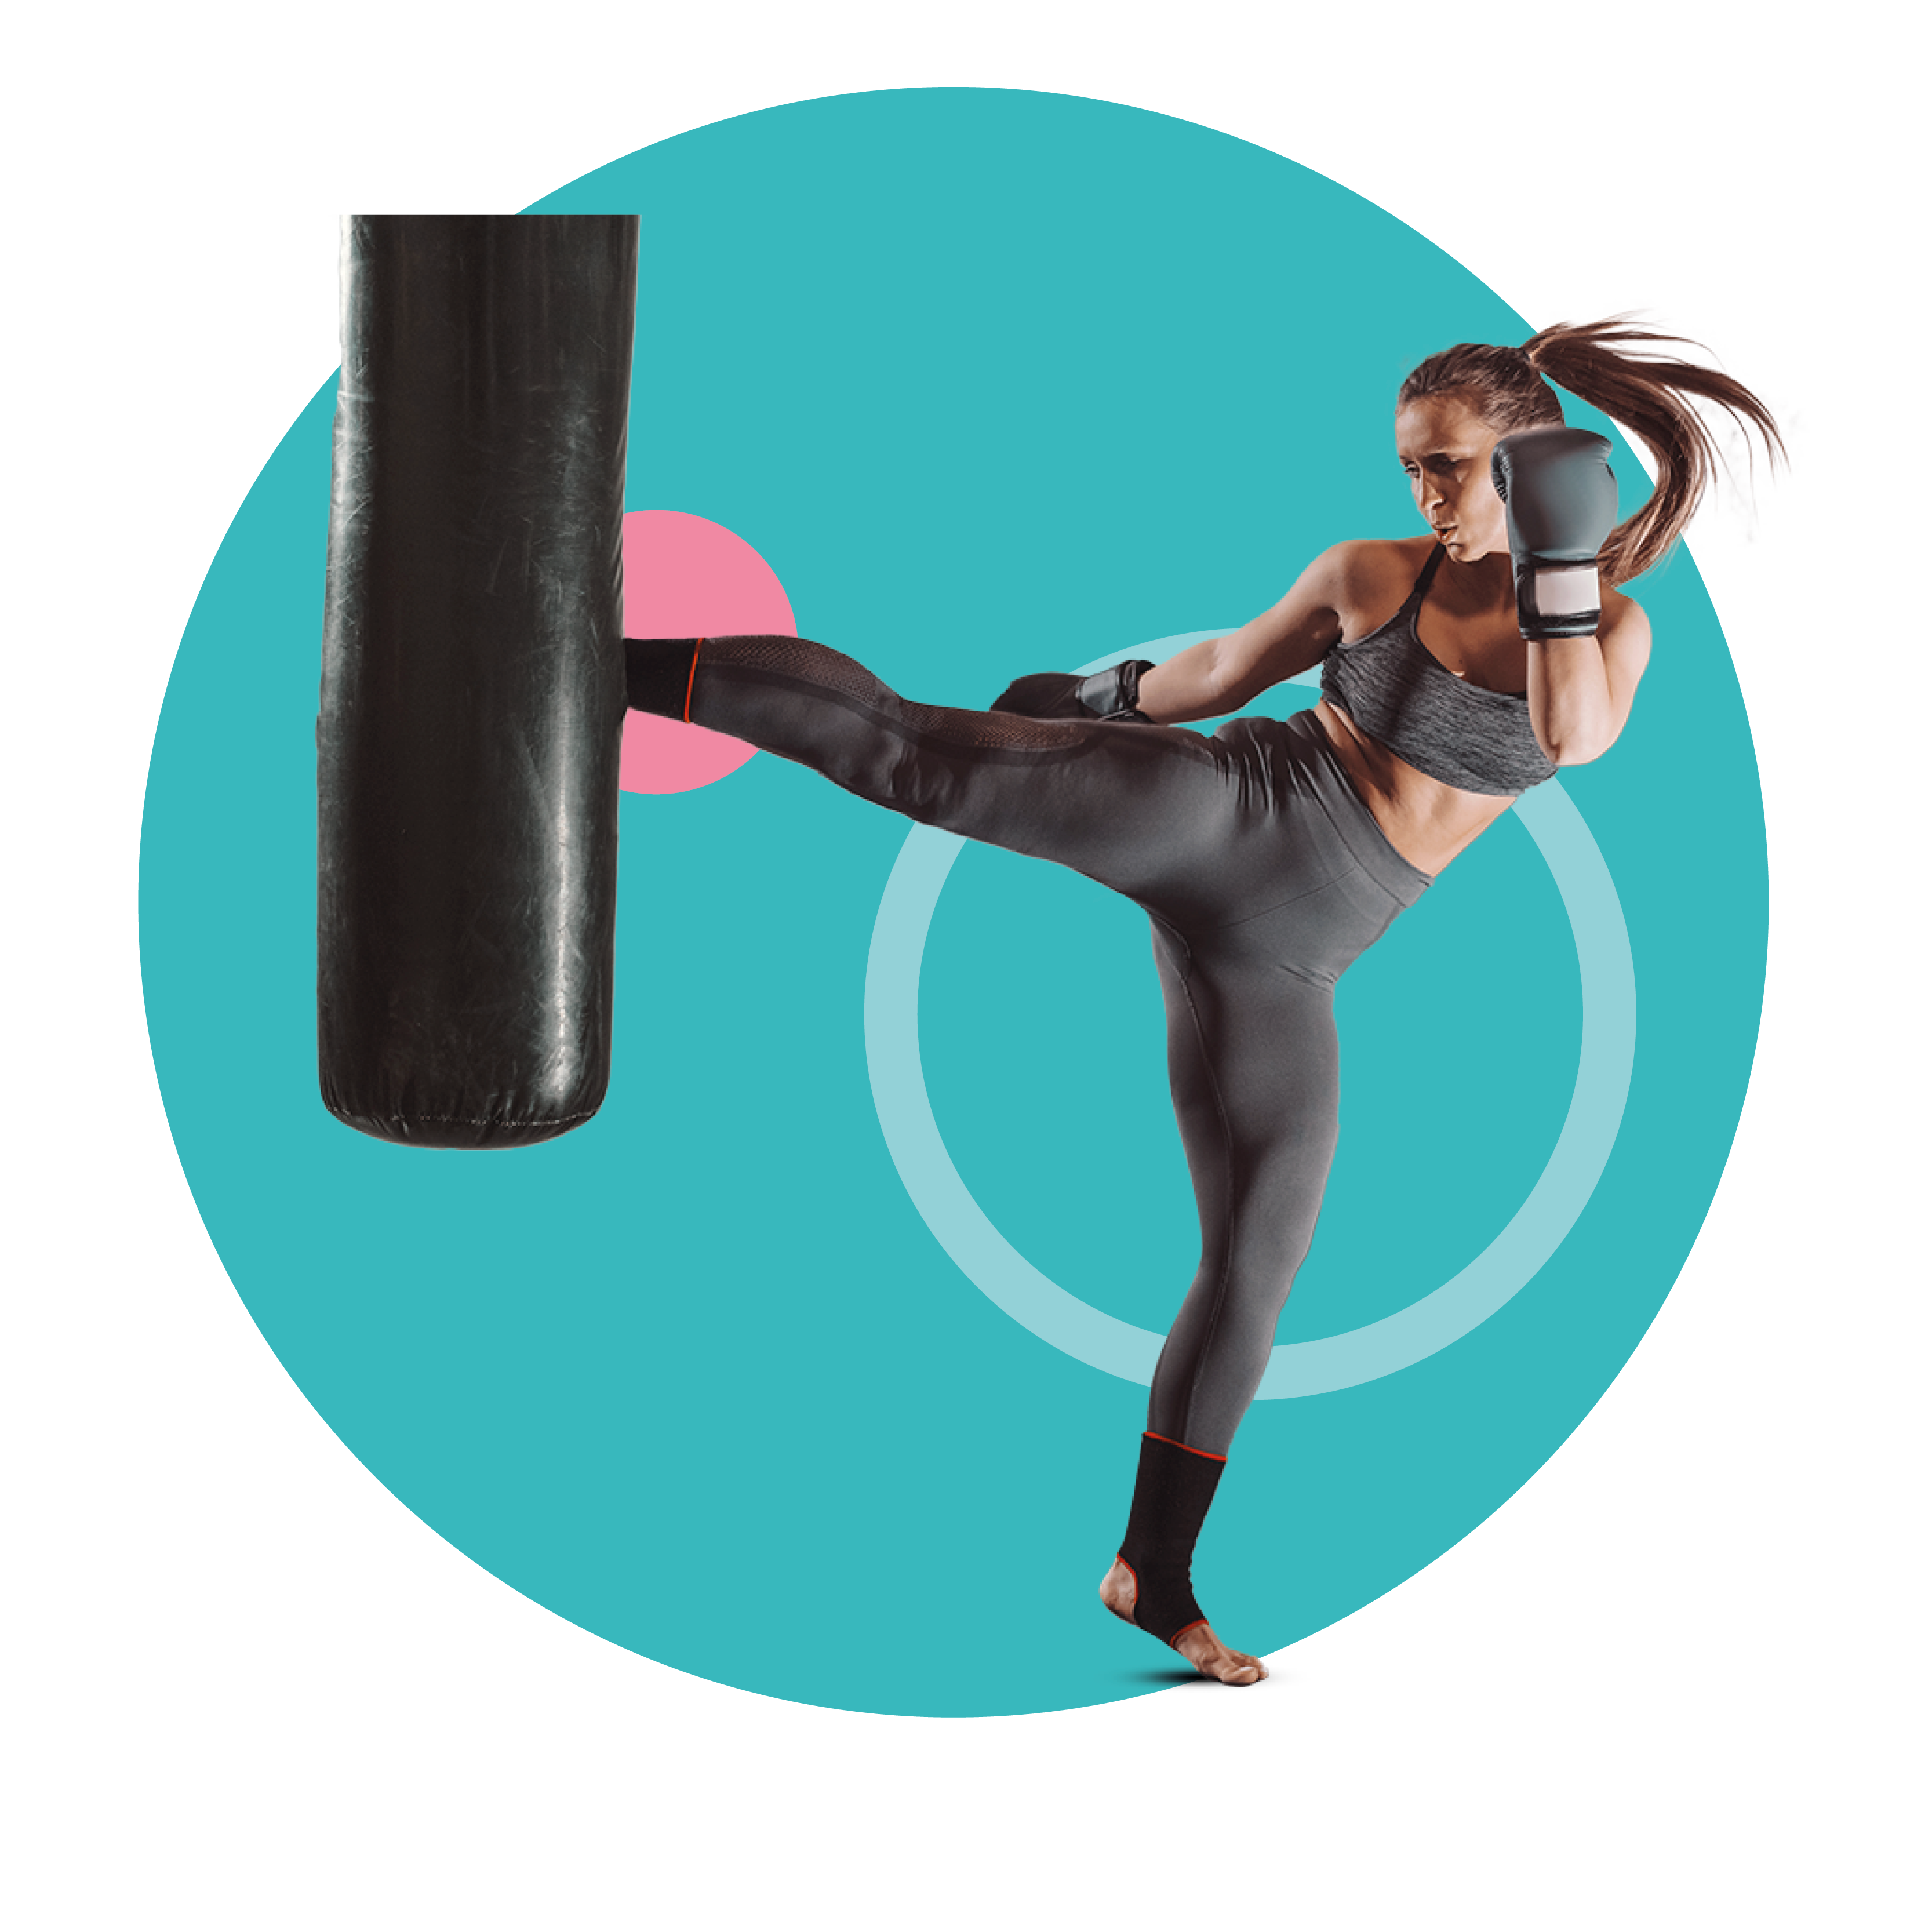 Vrouwelijke kickbokser die een high kick trapt tijdens zaktraining